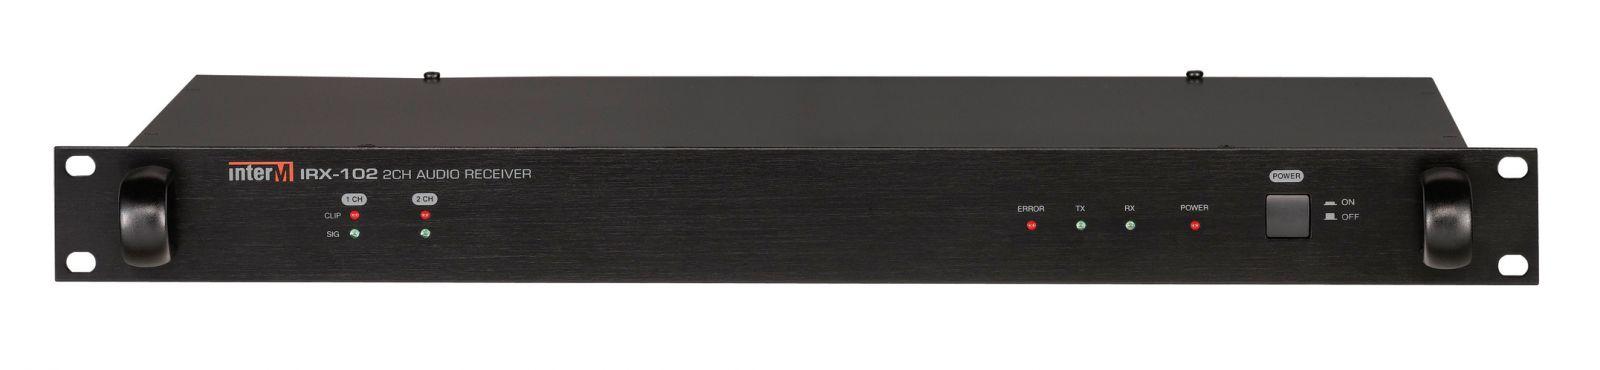 Truyền tín hiệu Audio sang mạng - IRX-102